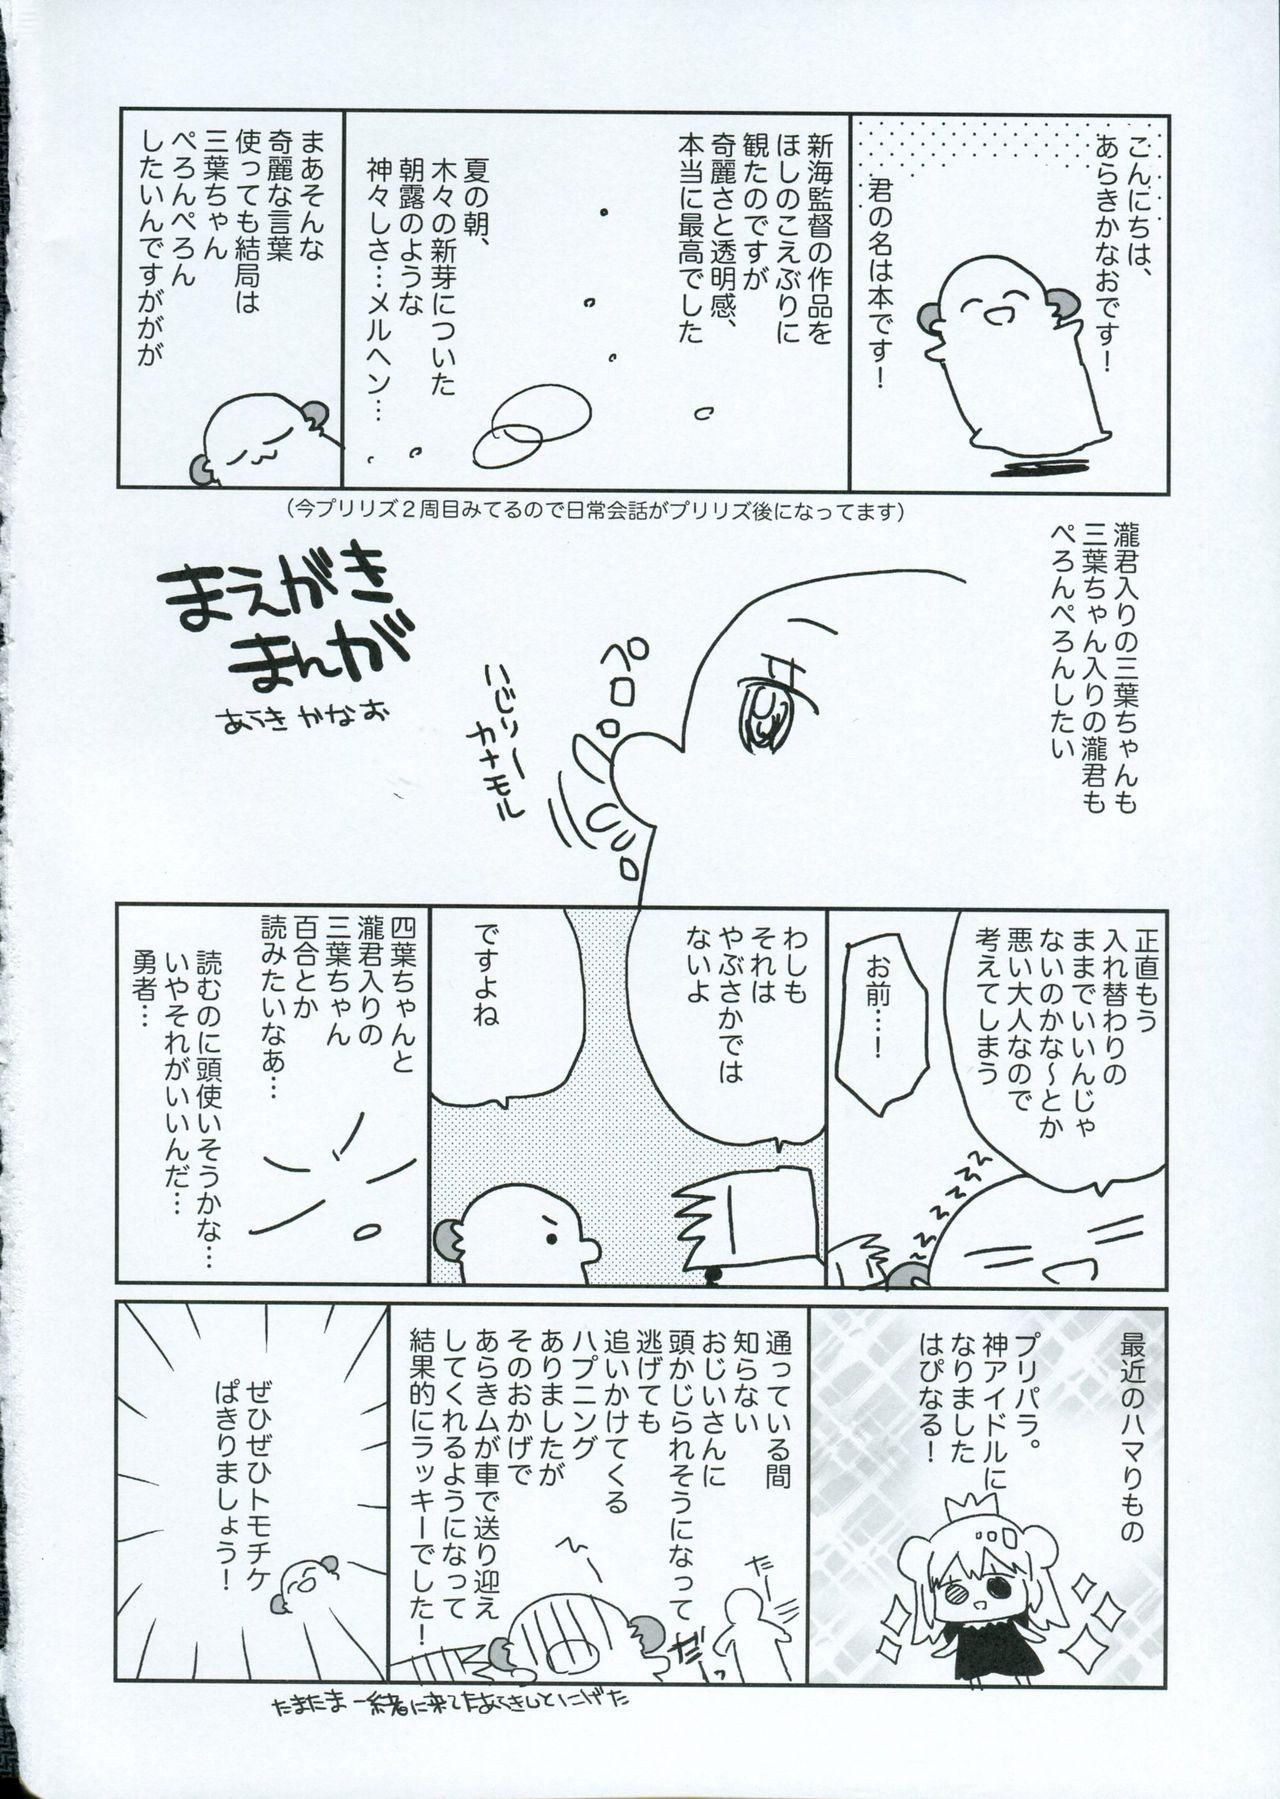 Yumeyume wasururu yume 2